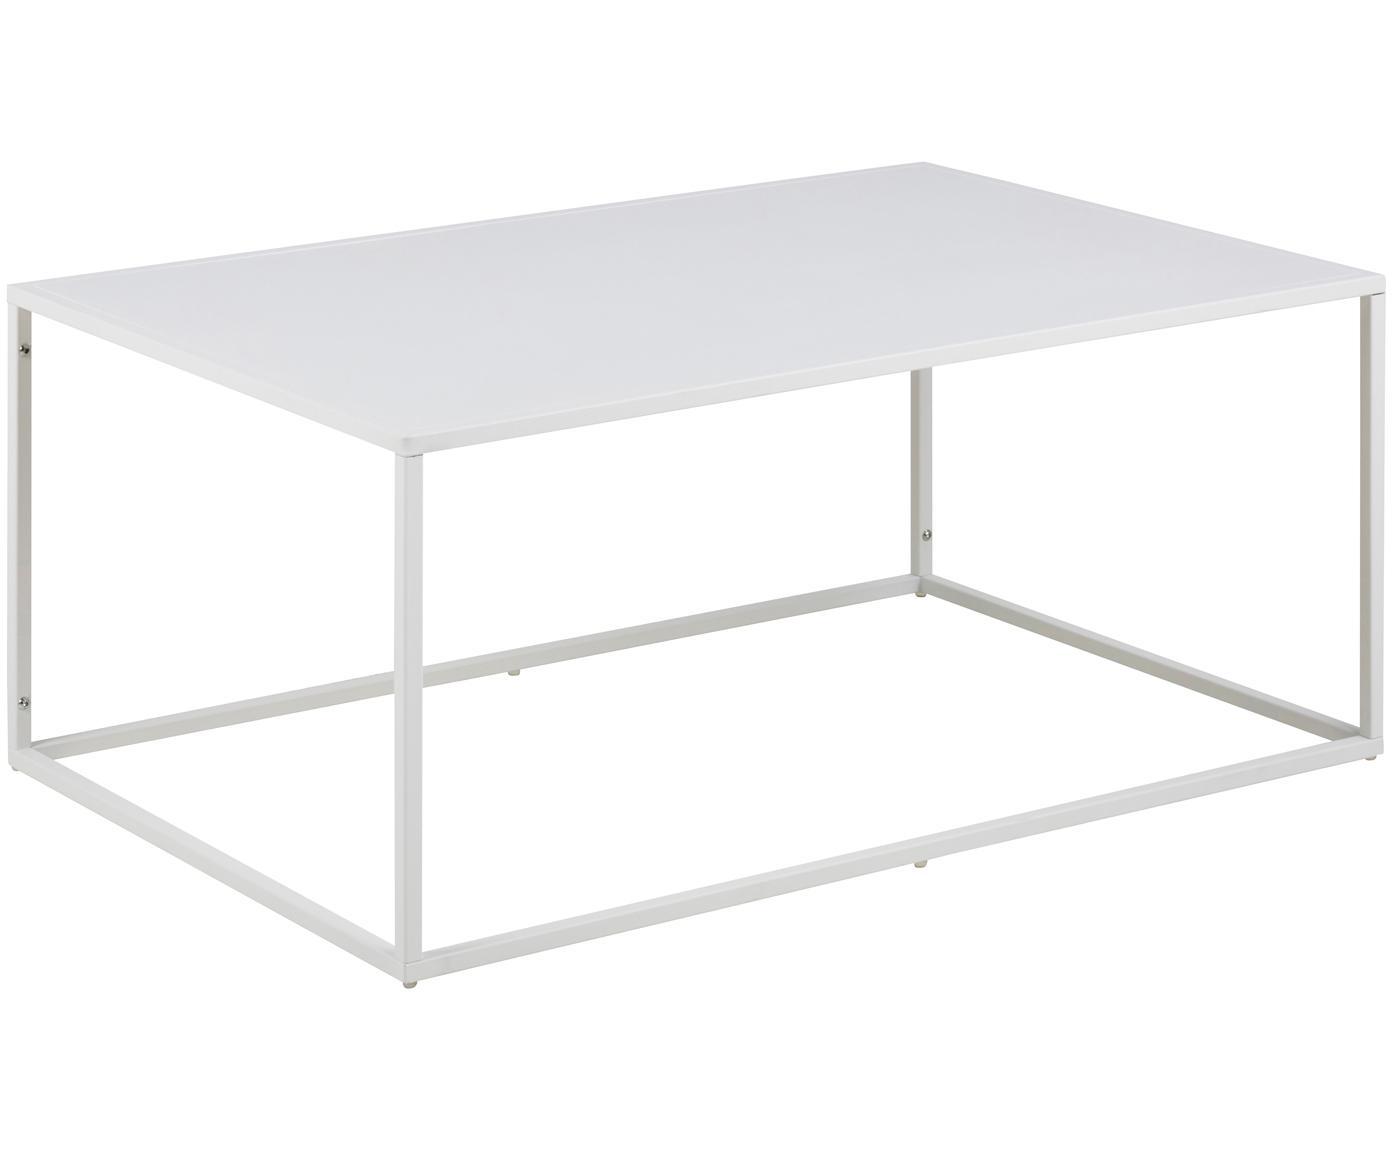 Metall-Couchtisch Newton in Weiß, Metall, pulverbeschichtet, Weiß, B 90 x T 60 cm